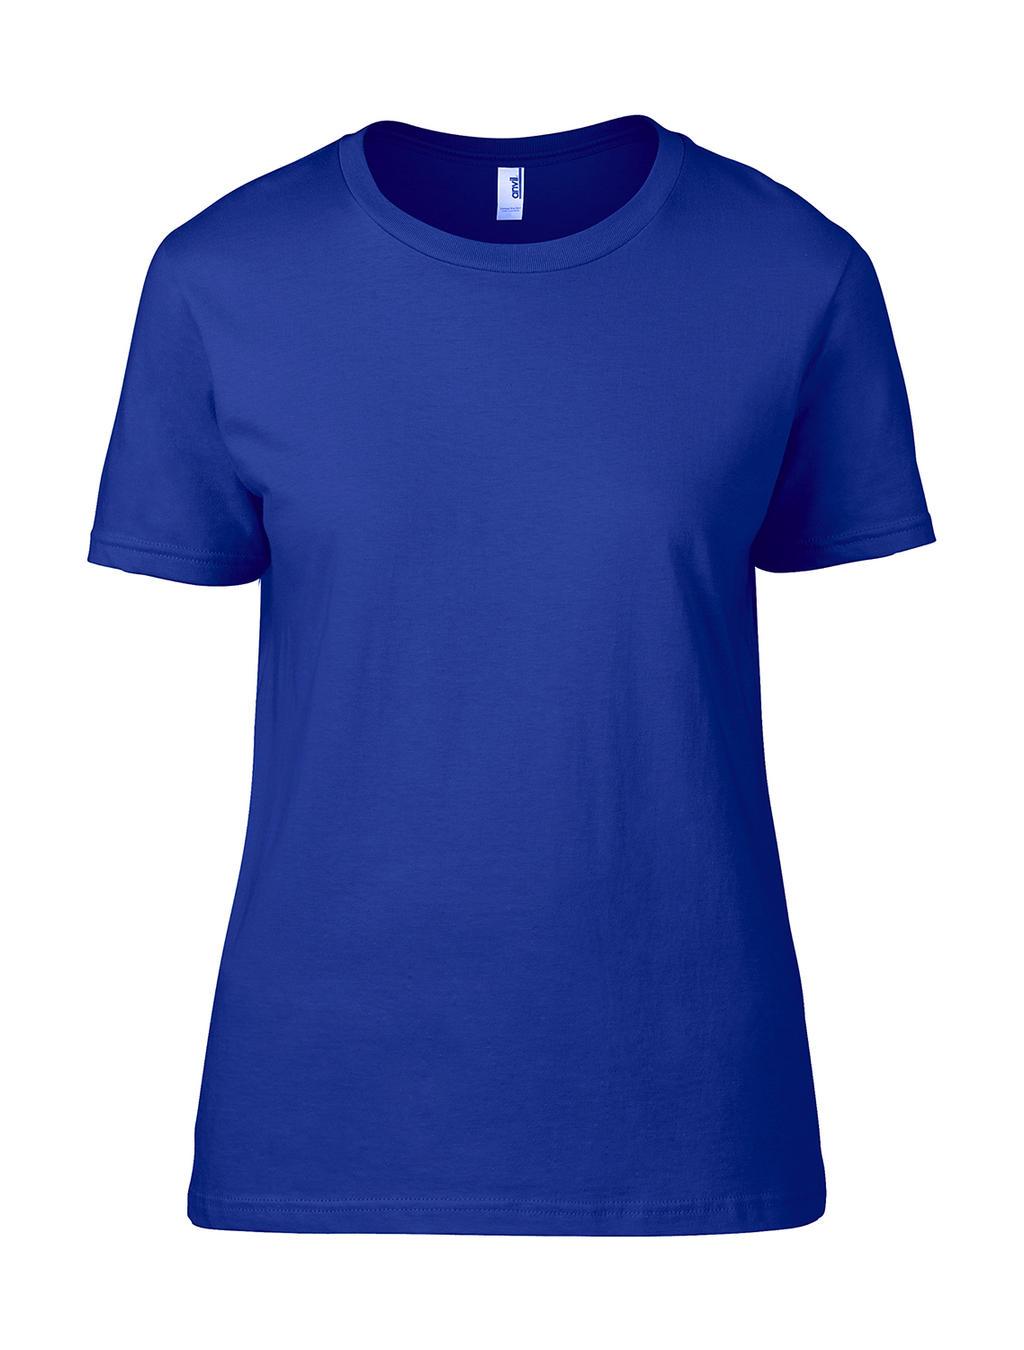 damen neon t shirt neon blau xl selber gestalten